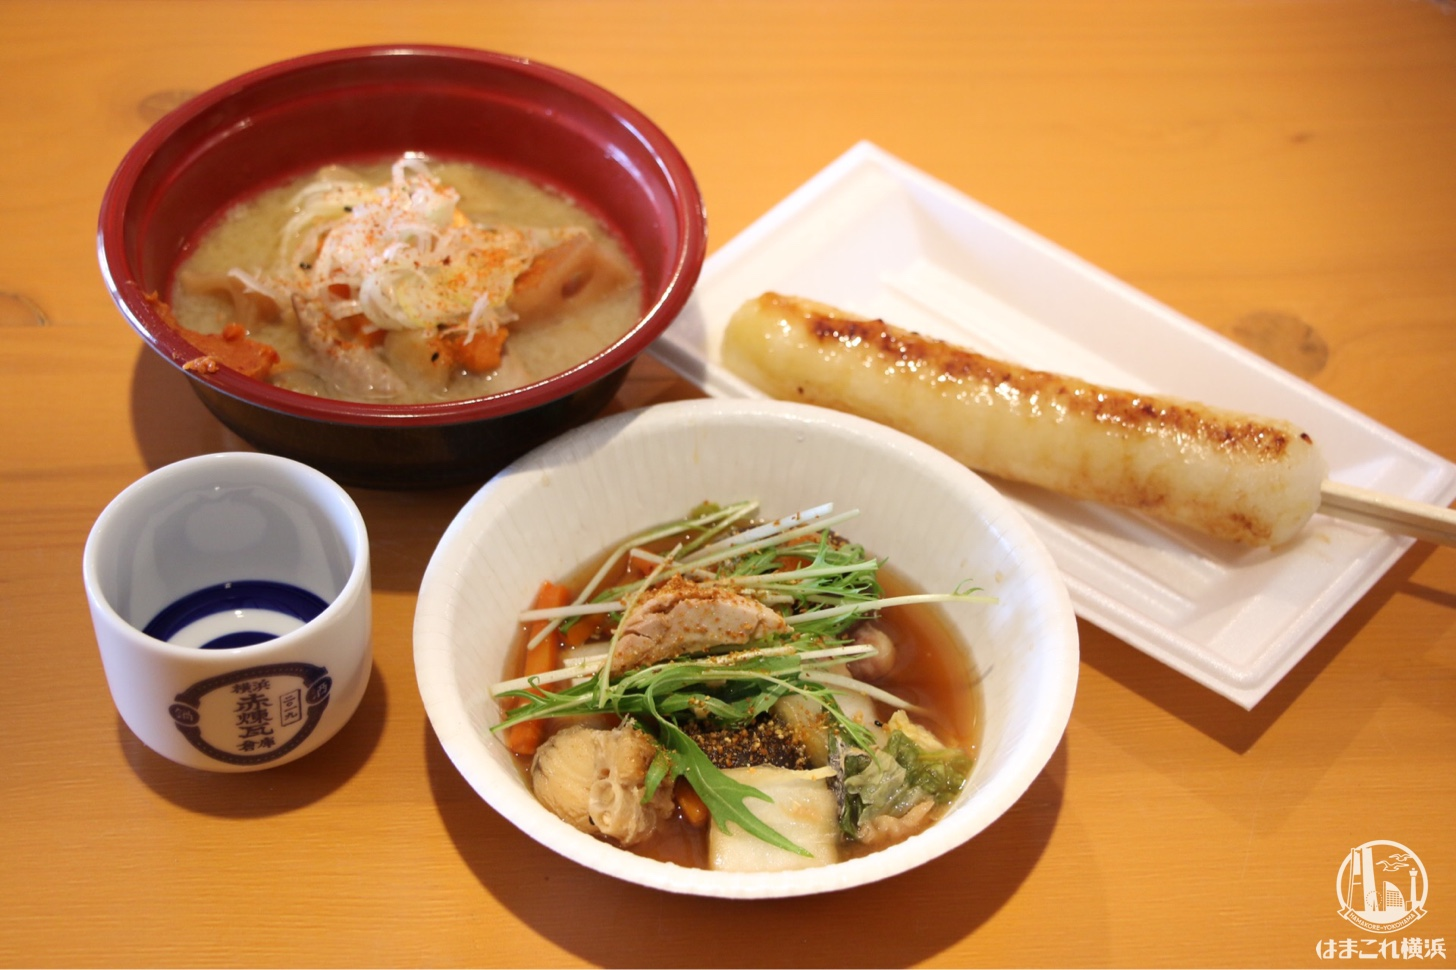 ちょい呑み+ちょい鍋(おつまみ)セット